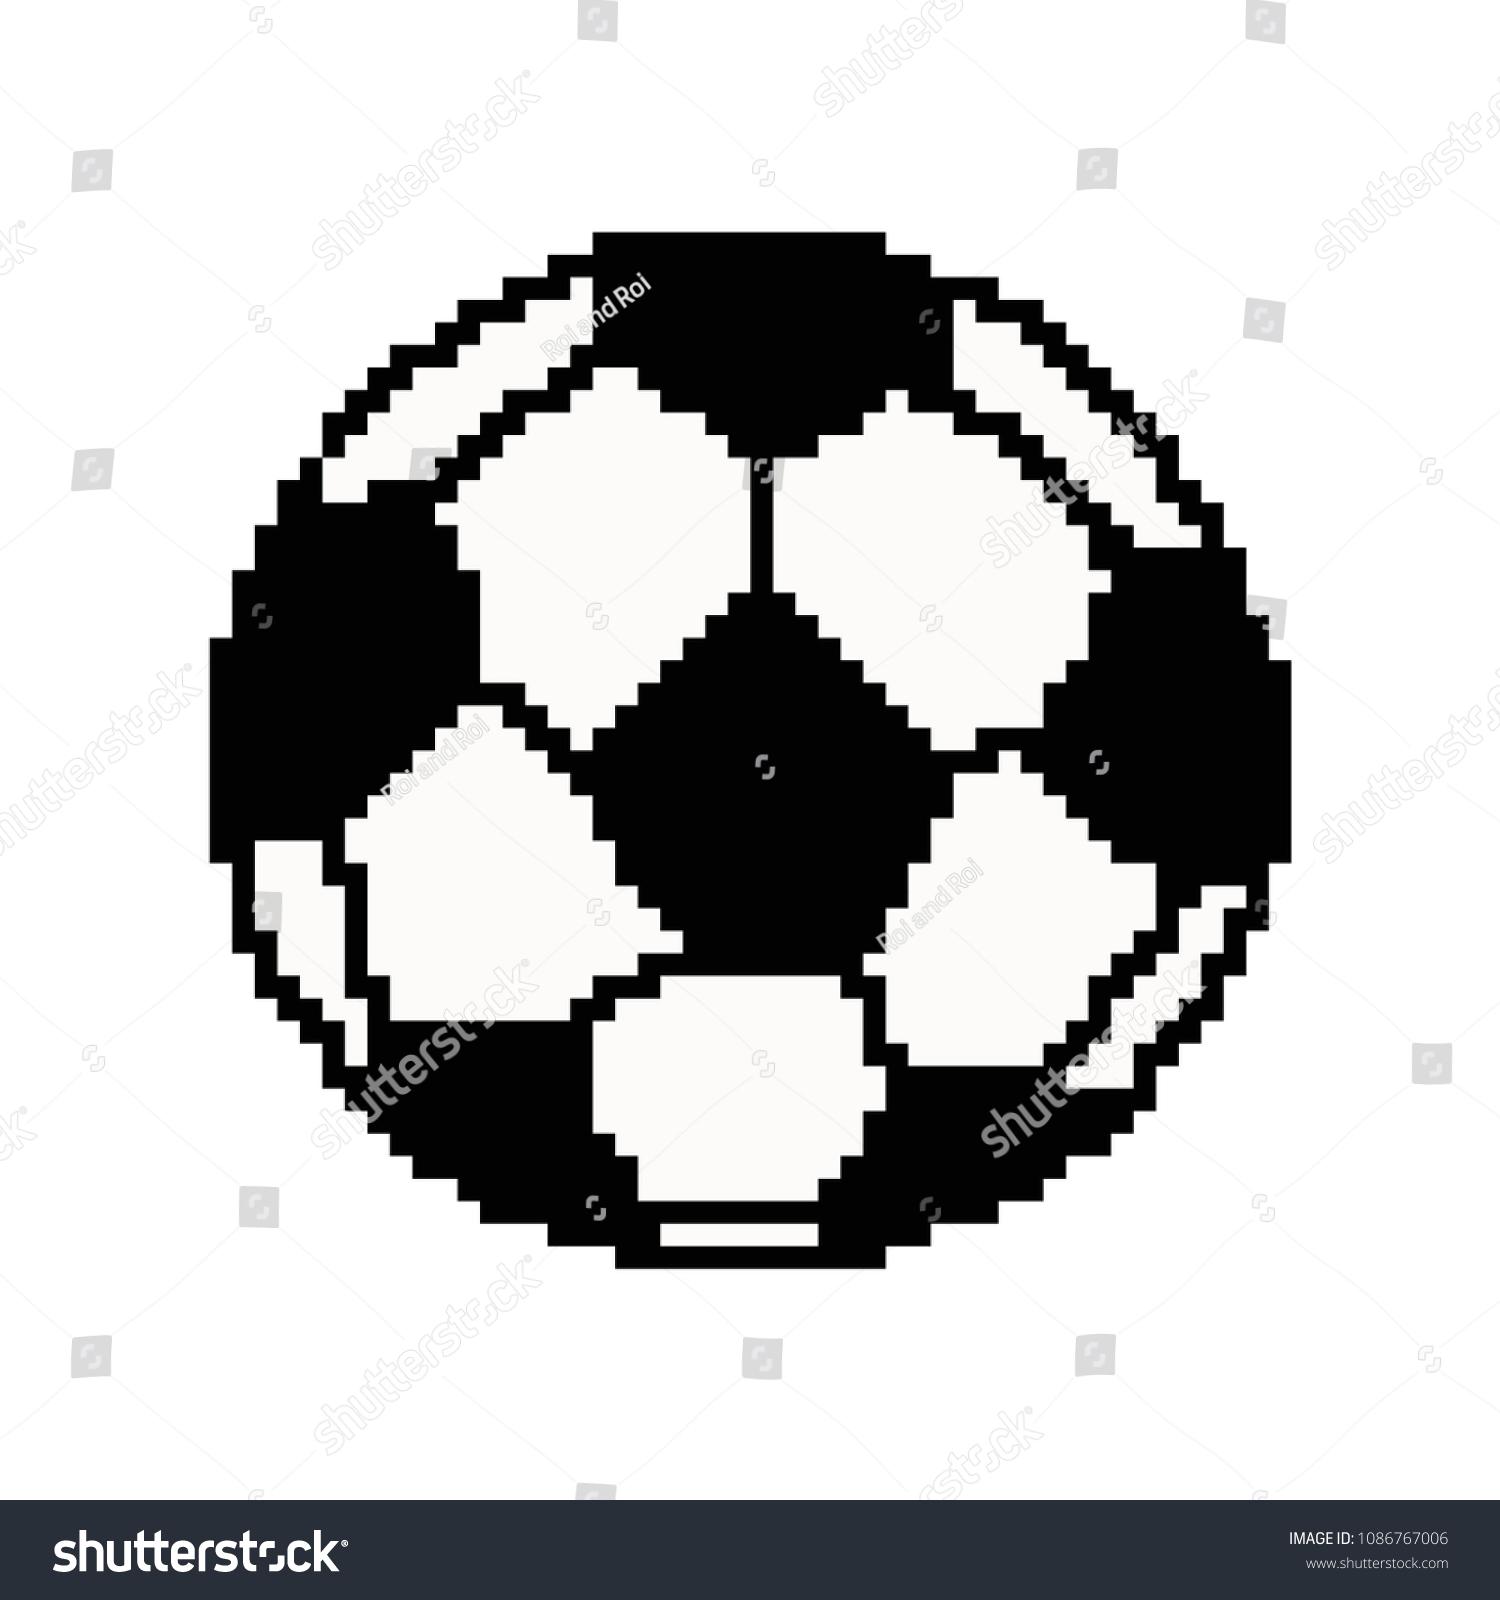 Image Vectorielle De Stock De Pixel Art Football Ball Vector